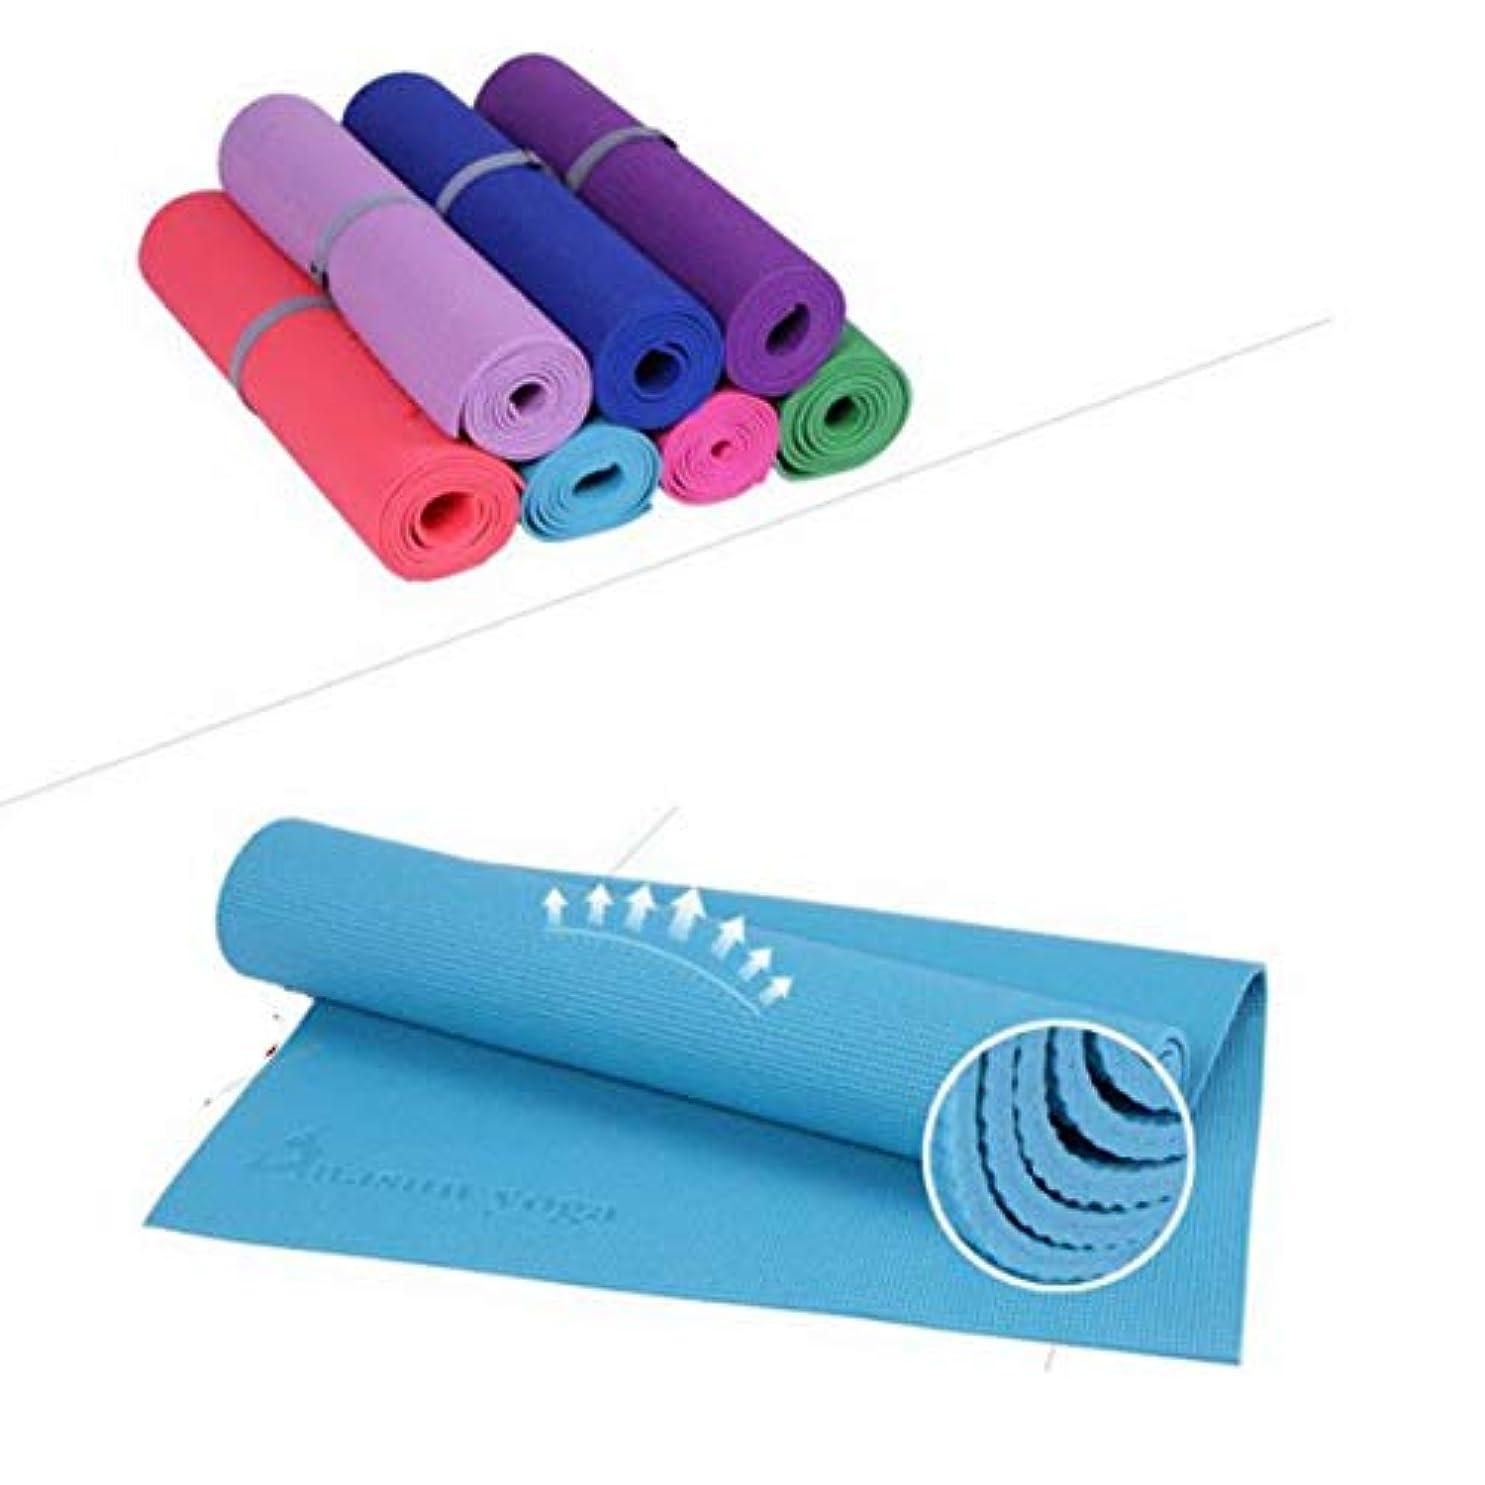 起業家レンズ入射PVCヨガマットフローラルプリントヨガマット滑り止め通気性グッドグリップパッドエクササイズフィットネスパッド厚さ6mm(ダークパープル)